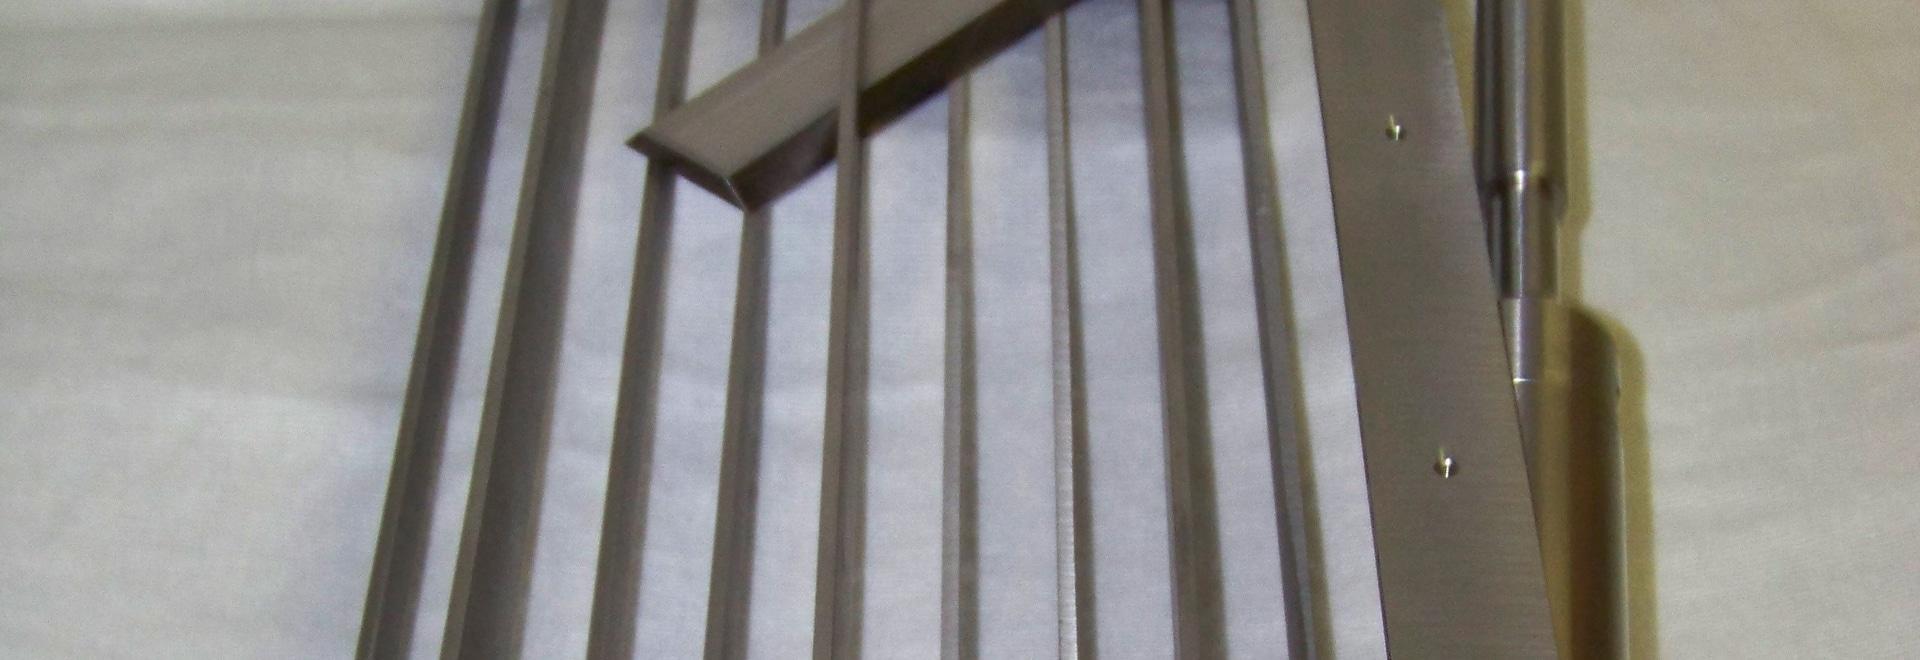 La grille de réflecteur – une solution à Jet Boat Fouling